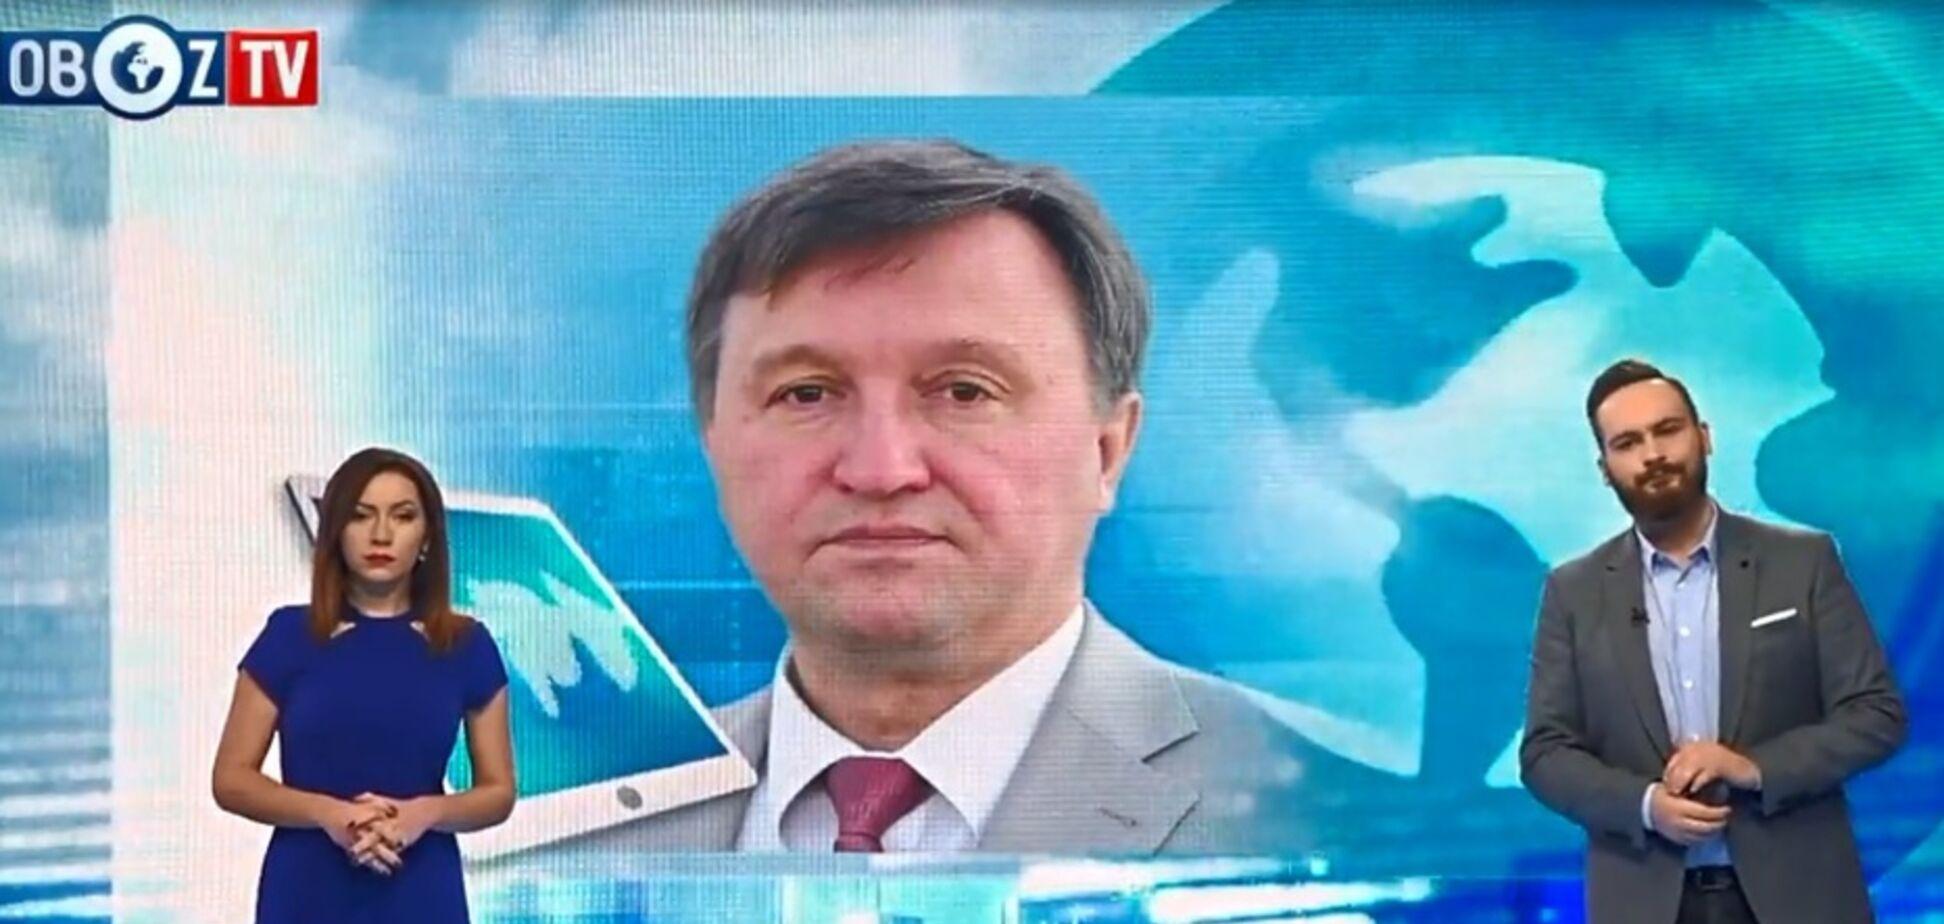 Генсек НАТО в Киеве: что означает визит Столтенберга для Украины